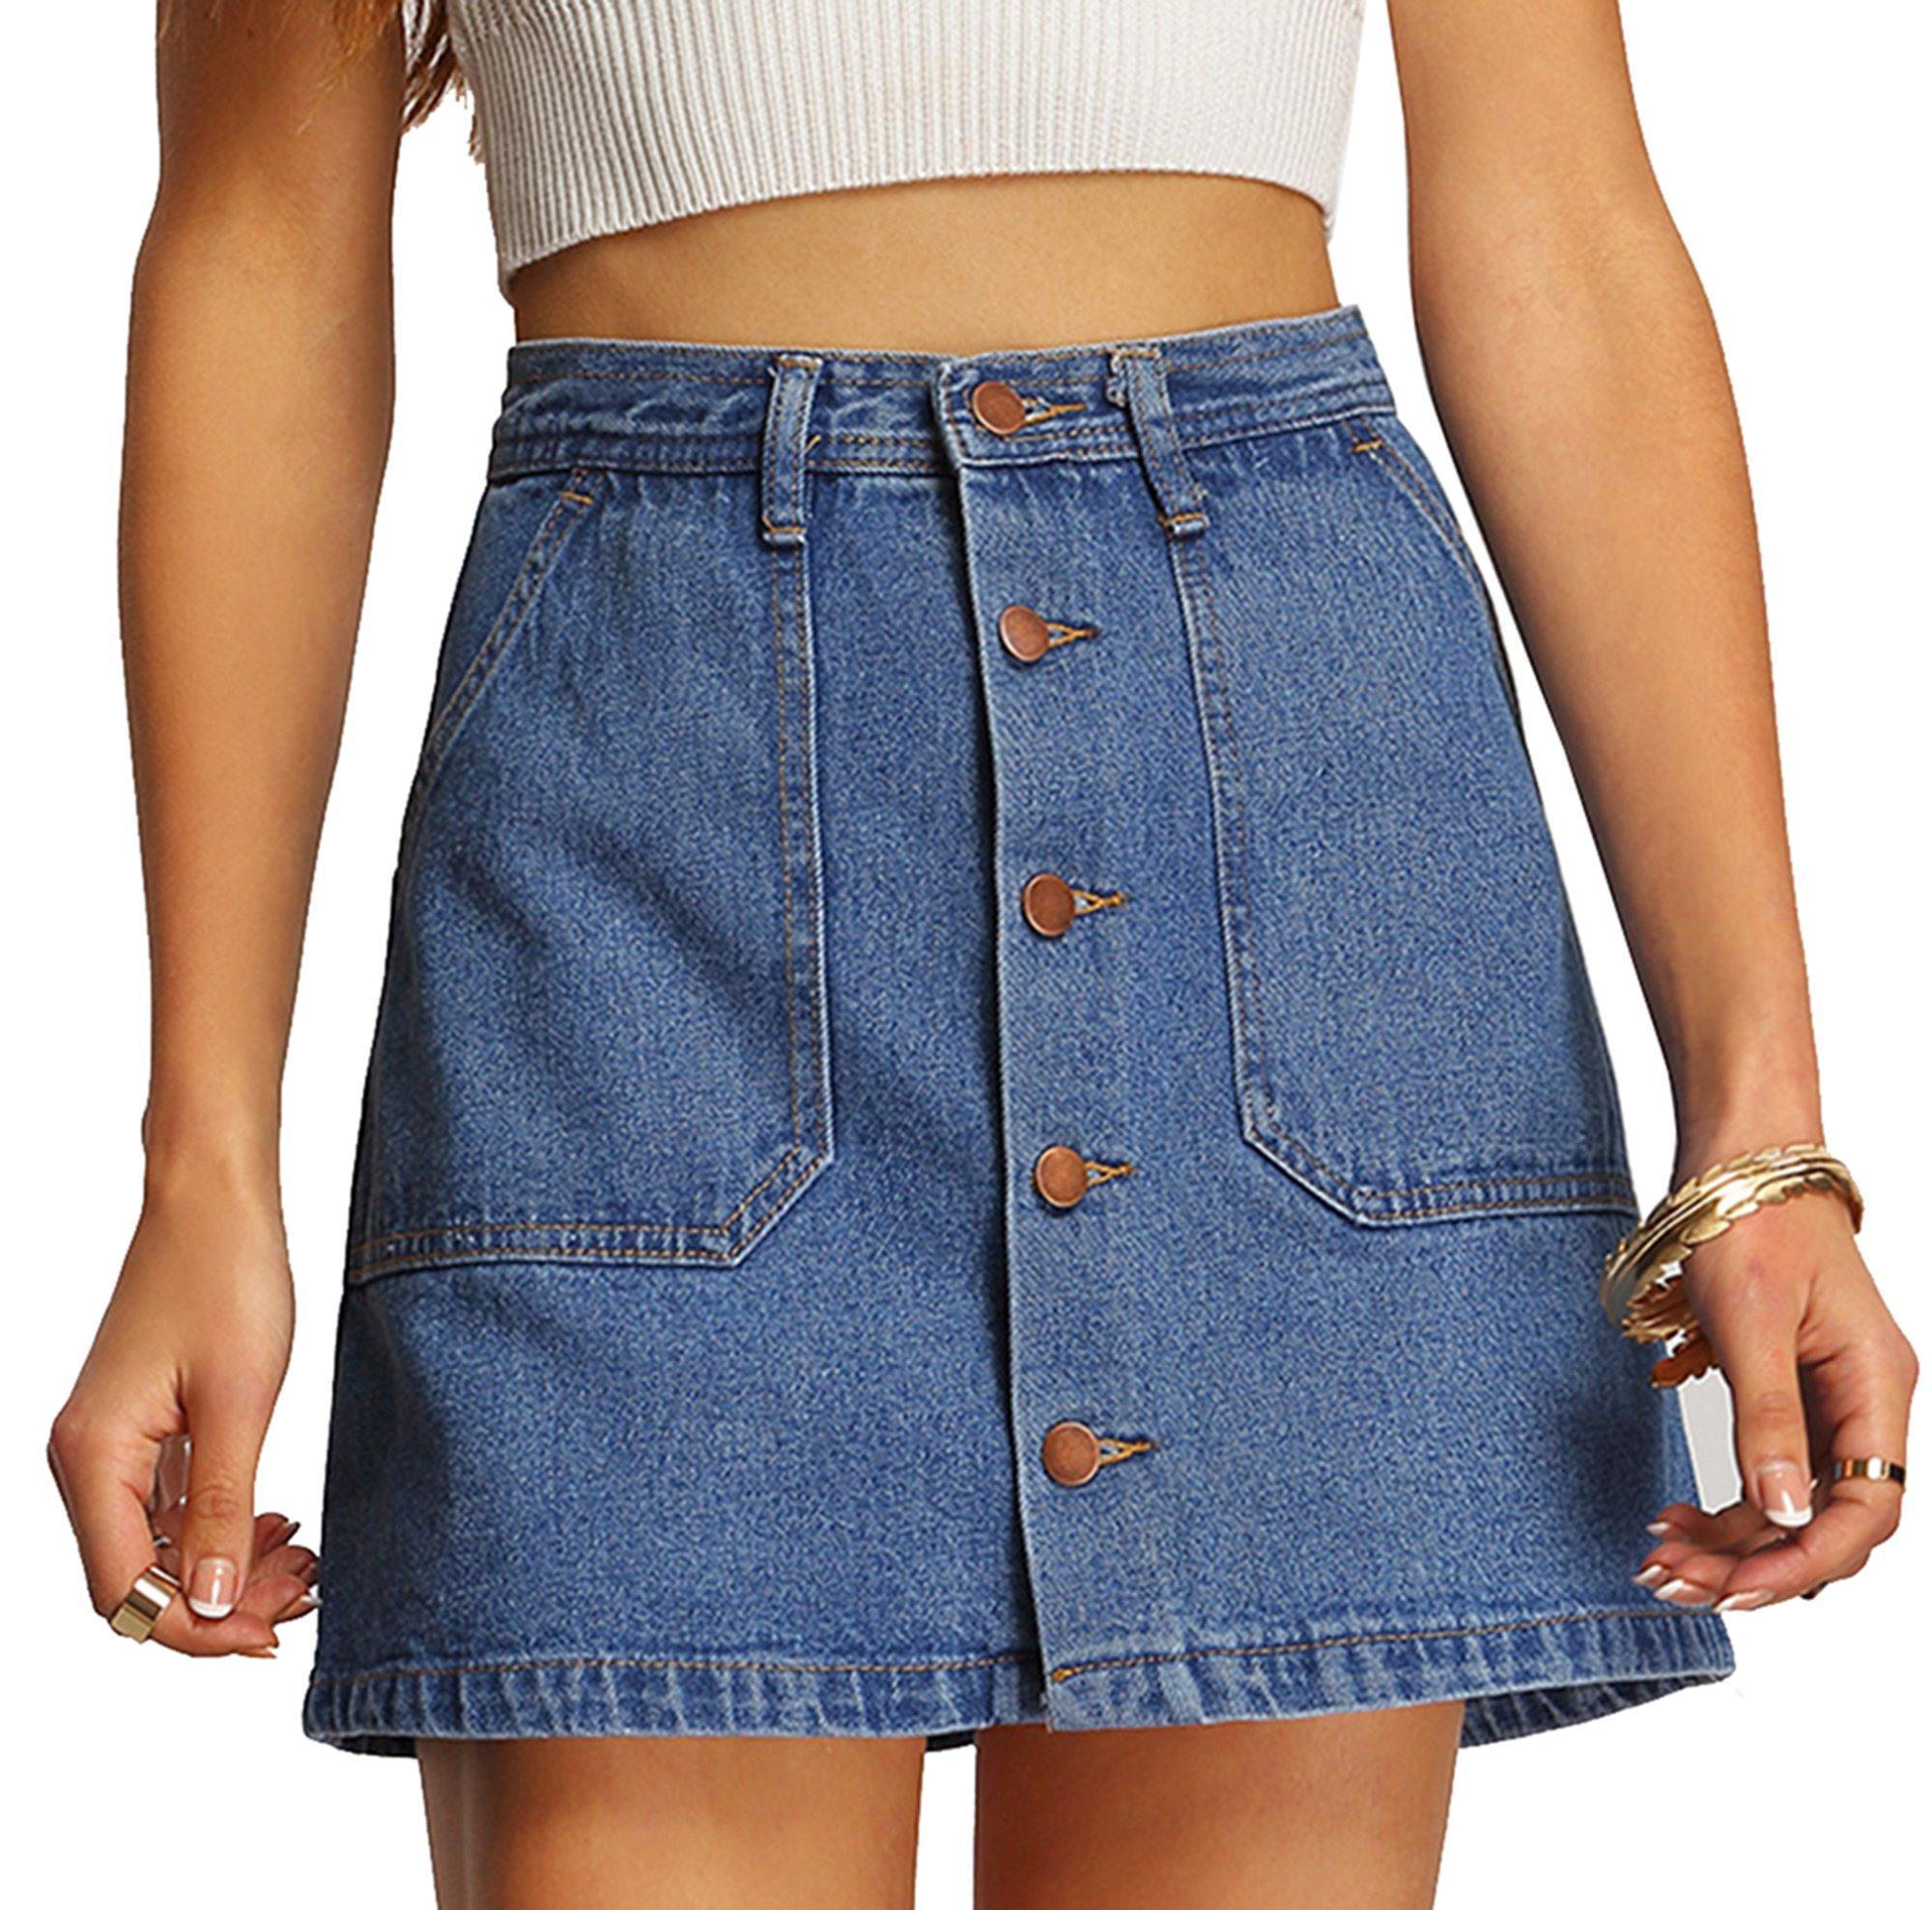 SheIn Women's Button Front Denim A-Line Short Skirt - A-Blue Large